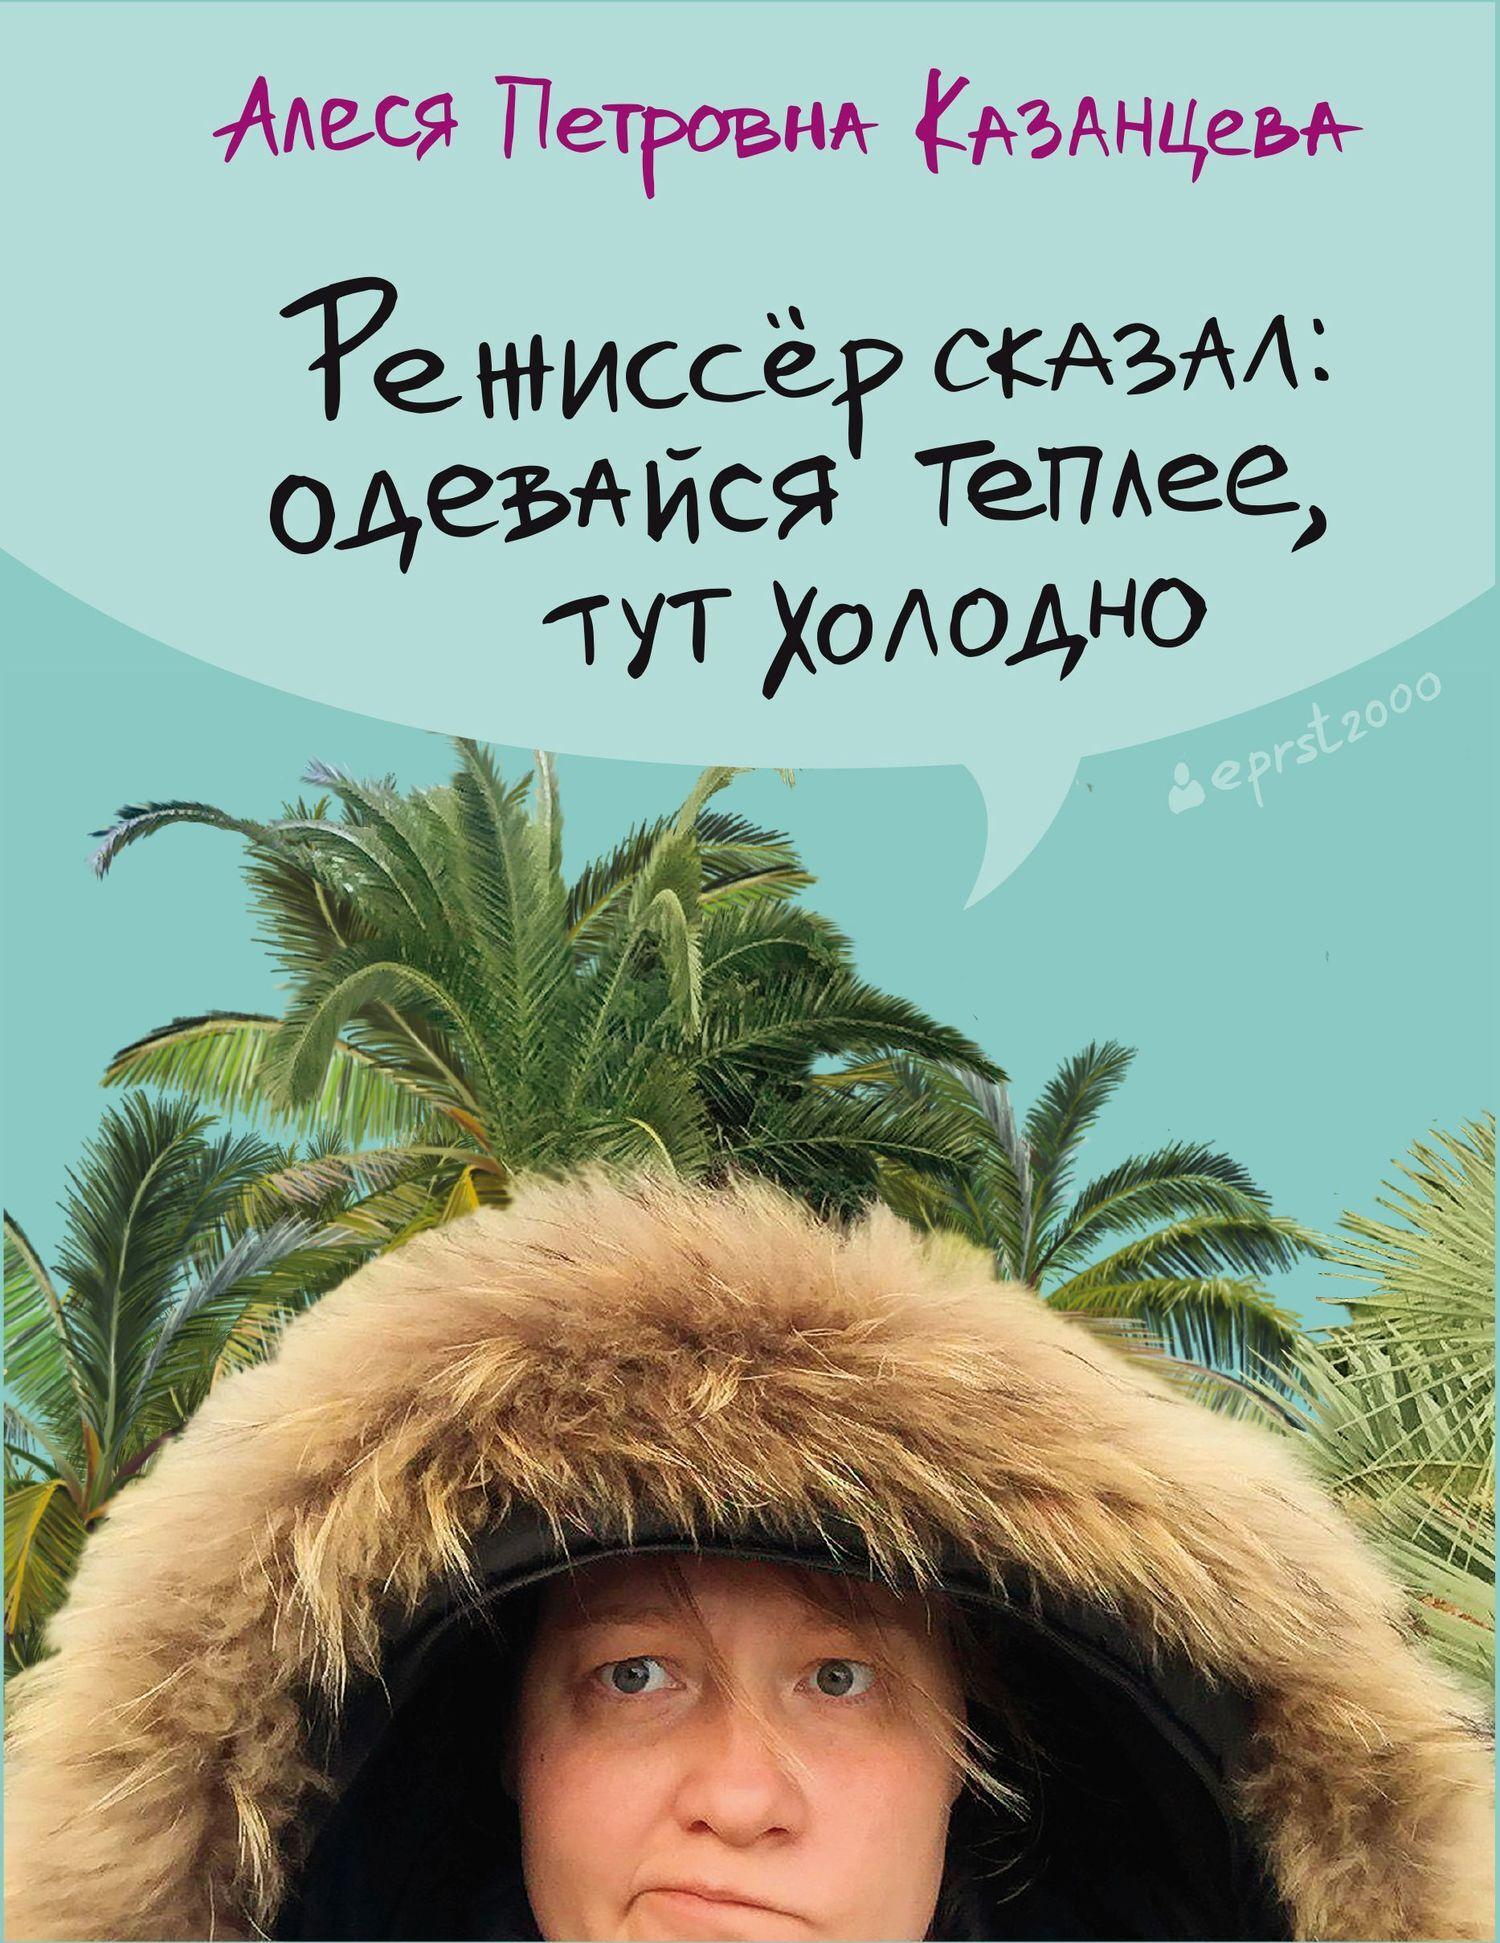 Режиссёр сказал: одевайся теплее, тут холодно (сборник)